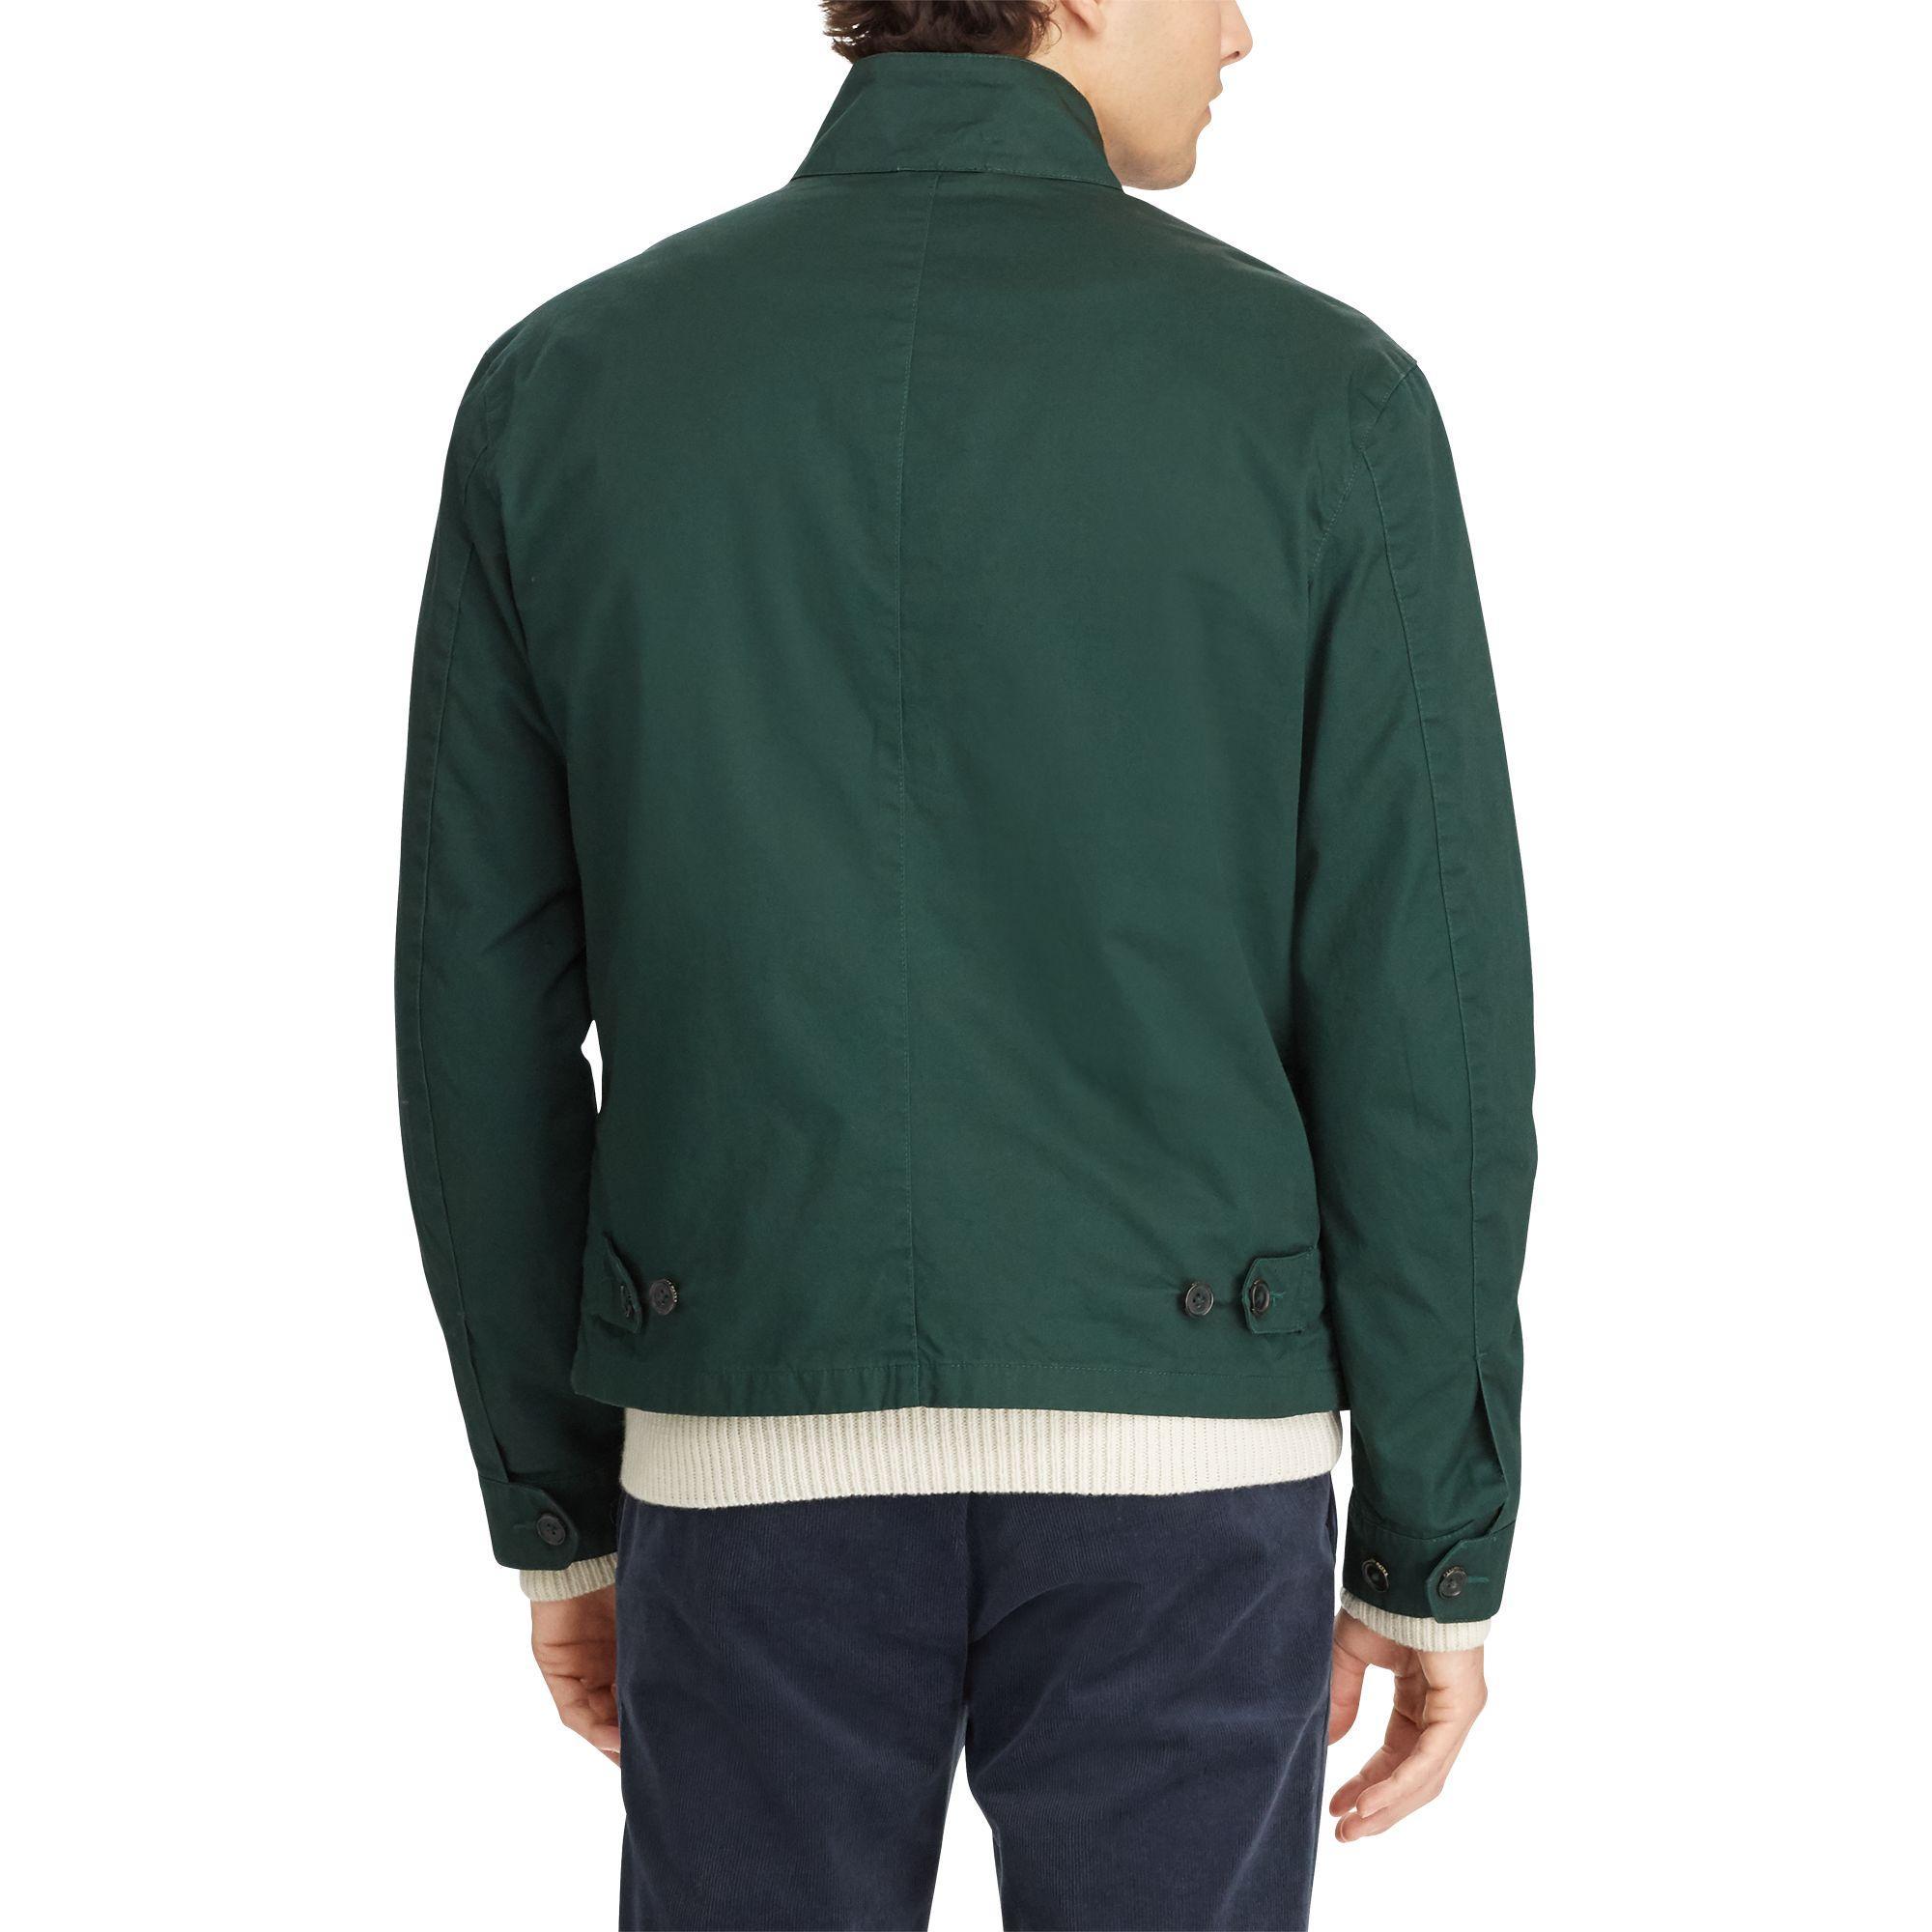 cc7239c3b6dcc7 Lyst - Polo Ralph Lauren Jacke aus Baumwolltwill in Grün für Herren